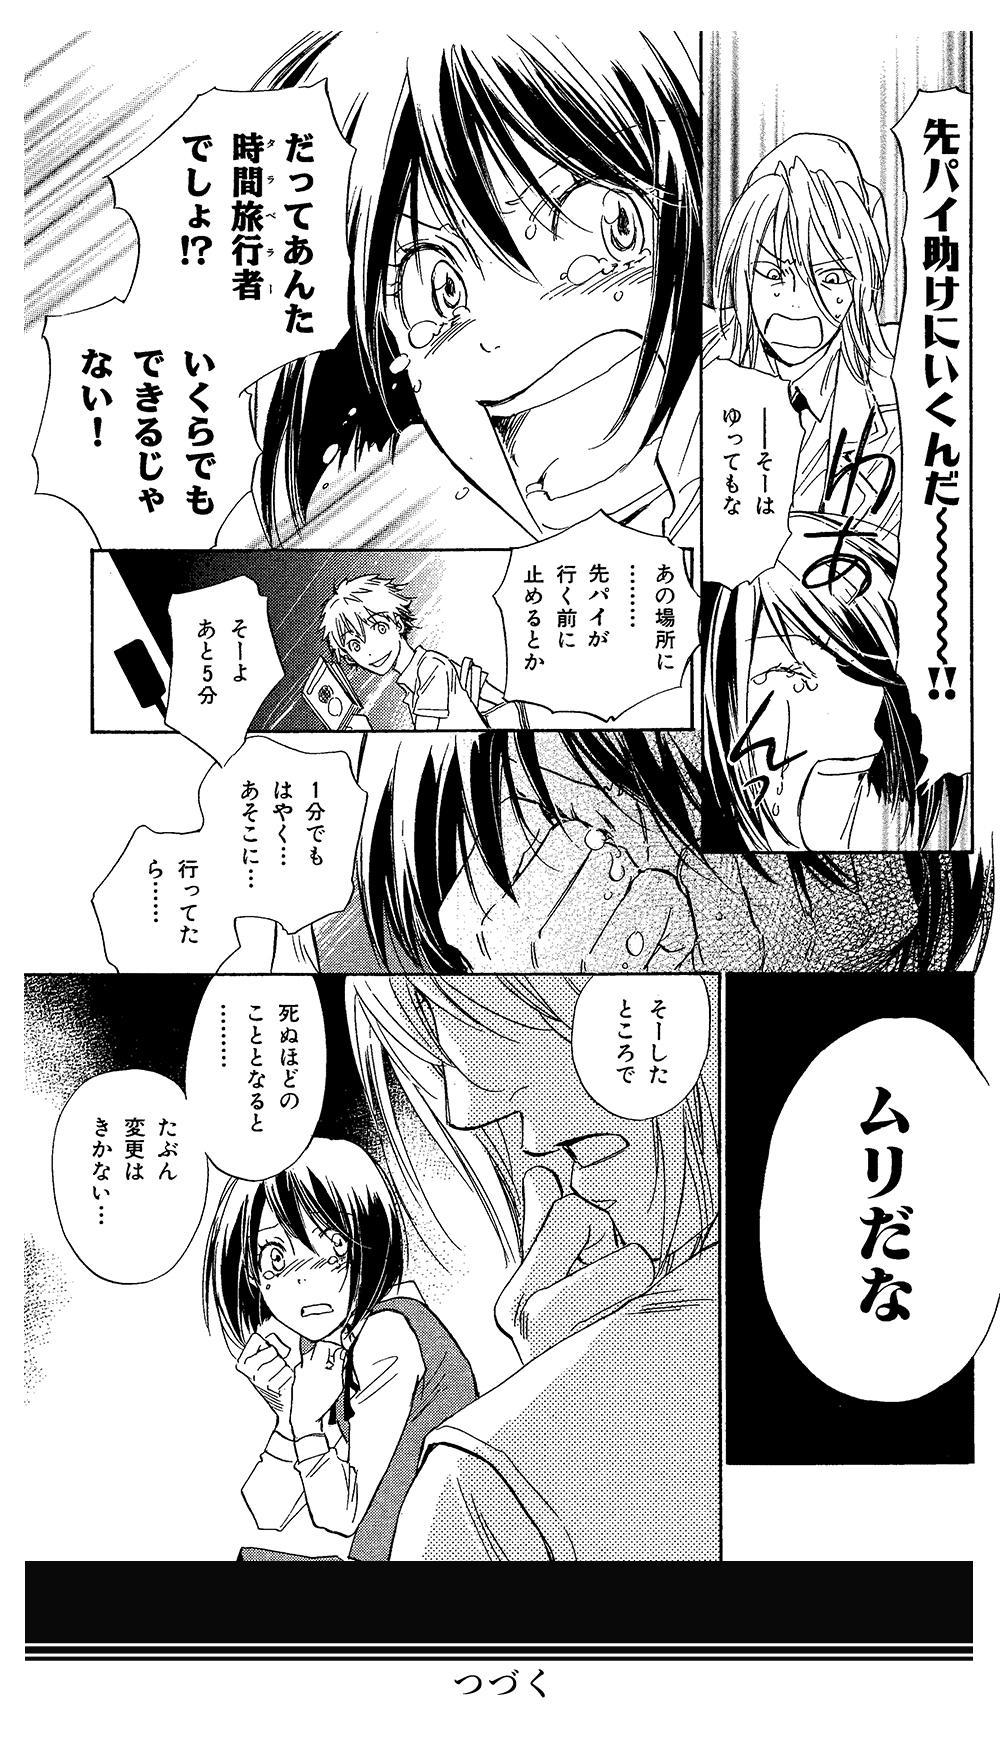 時間の歩き方 第1話 ②jikan02-10.jpg